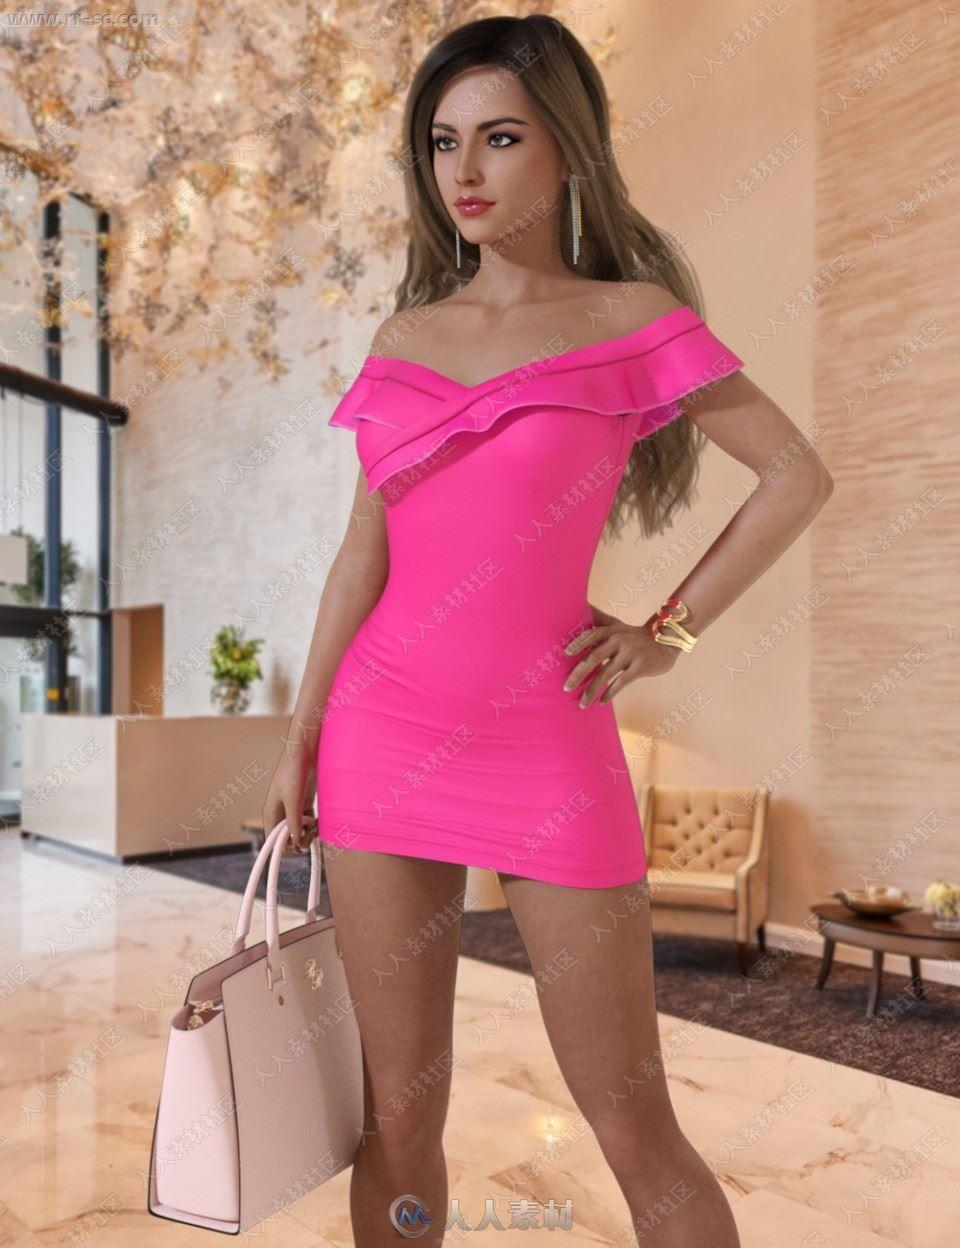 荷叶边短裙配饰皮包高跟鞋整套3D模型